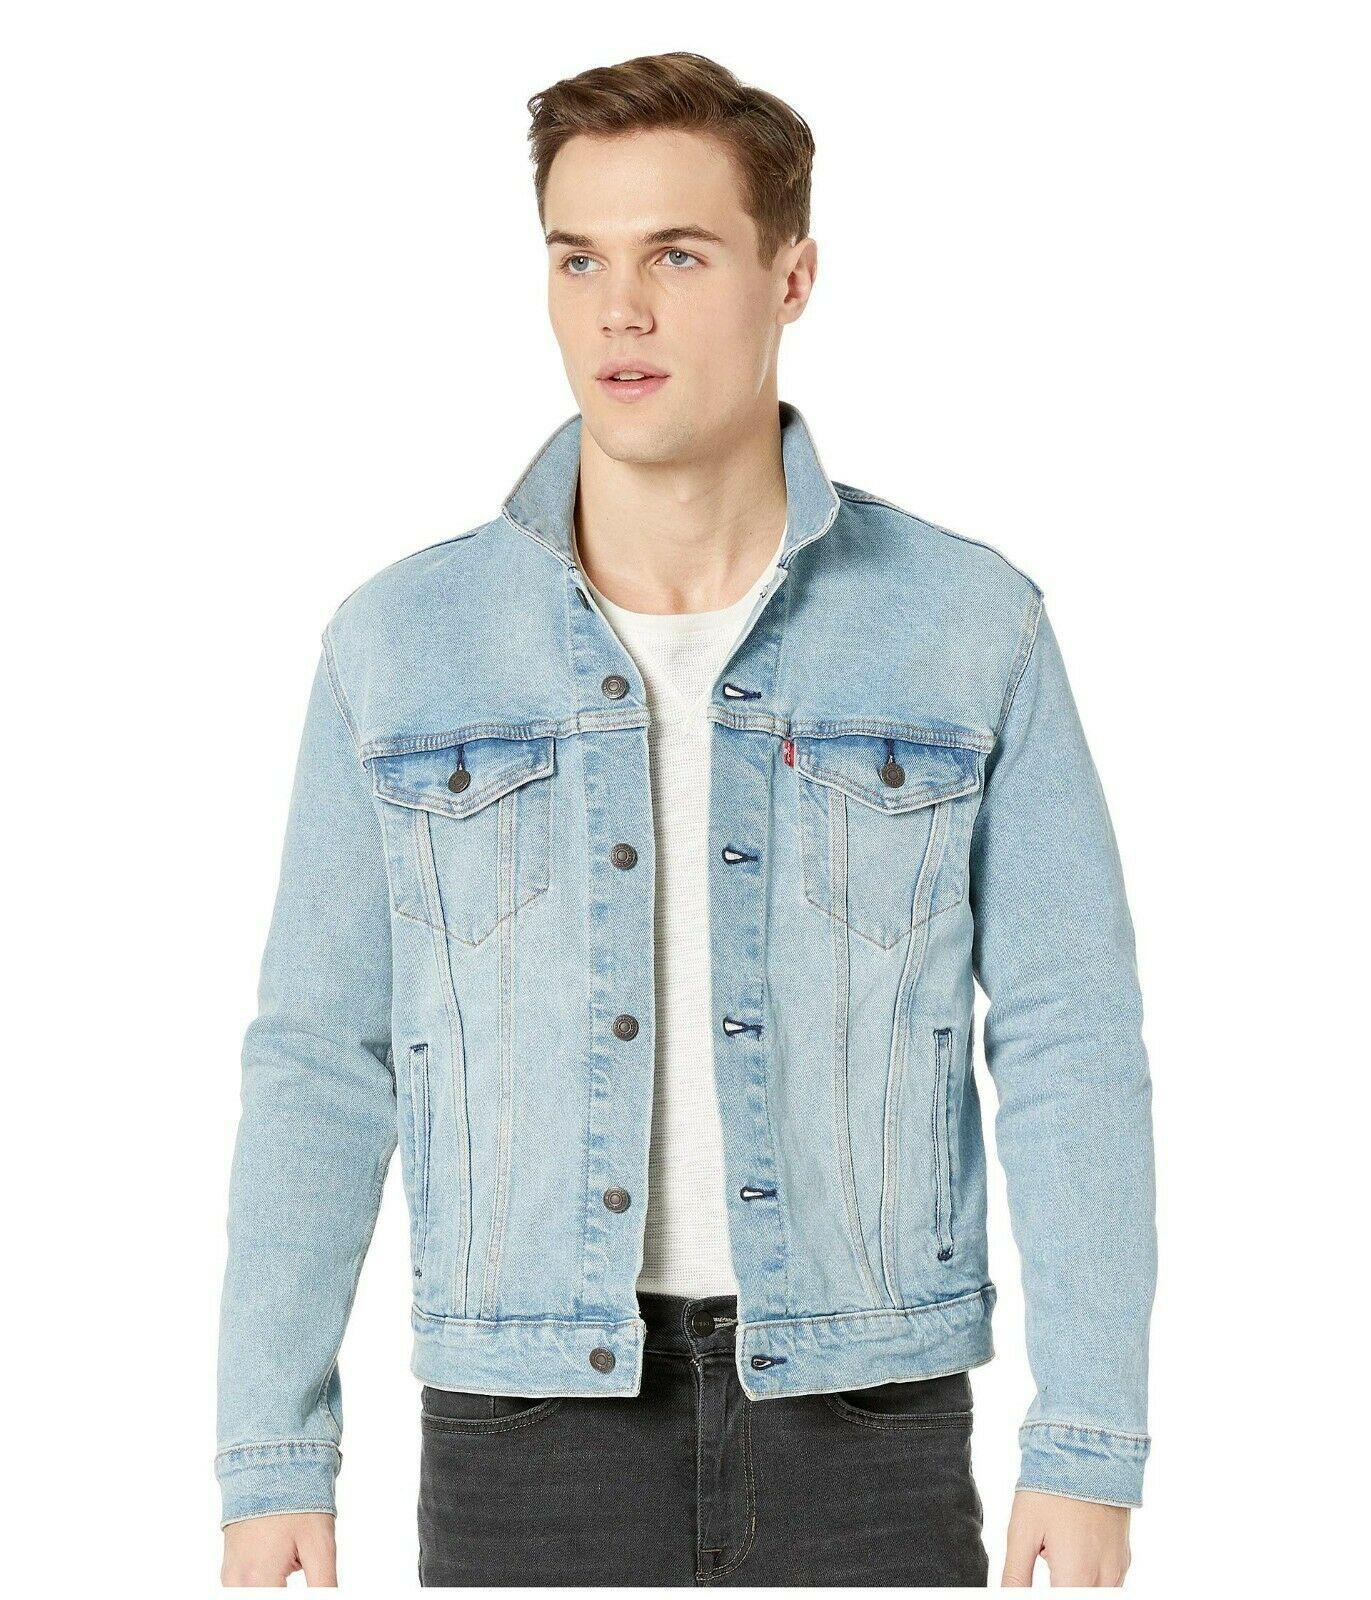 Levi's Men's Classic Button Up Denim Jeans Trucker Jacket Blue Stretch 723340323